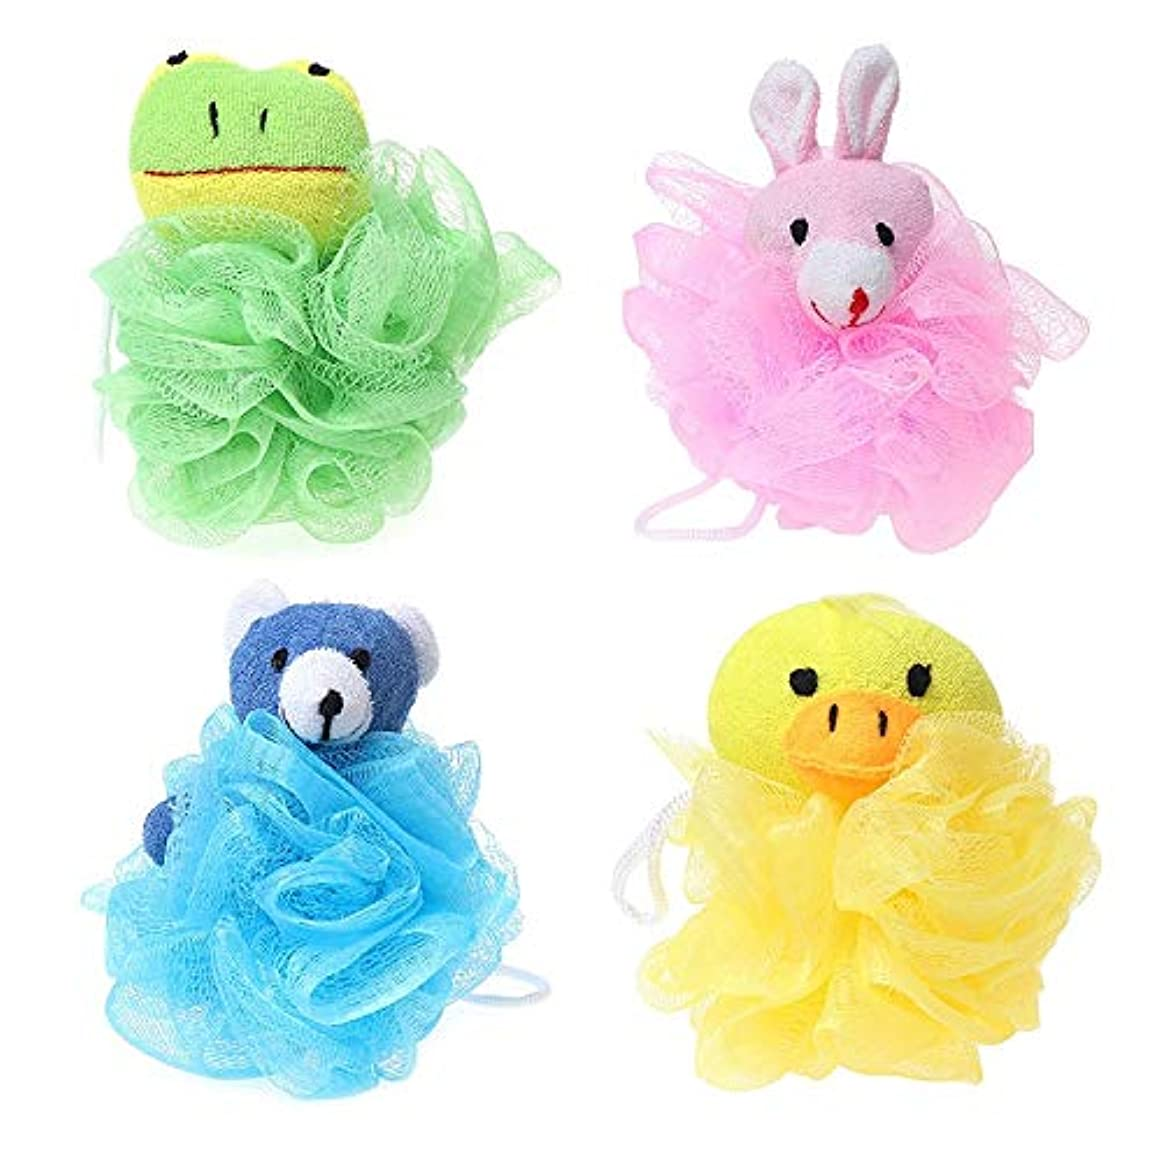 階増強ギネスNrpfell 子供用おもちゃクッションパフメッシュぬいぐるみ付き(4パック)カエル、アヒル、ウサギ、クマ